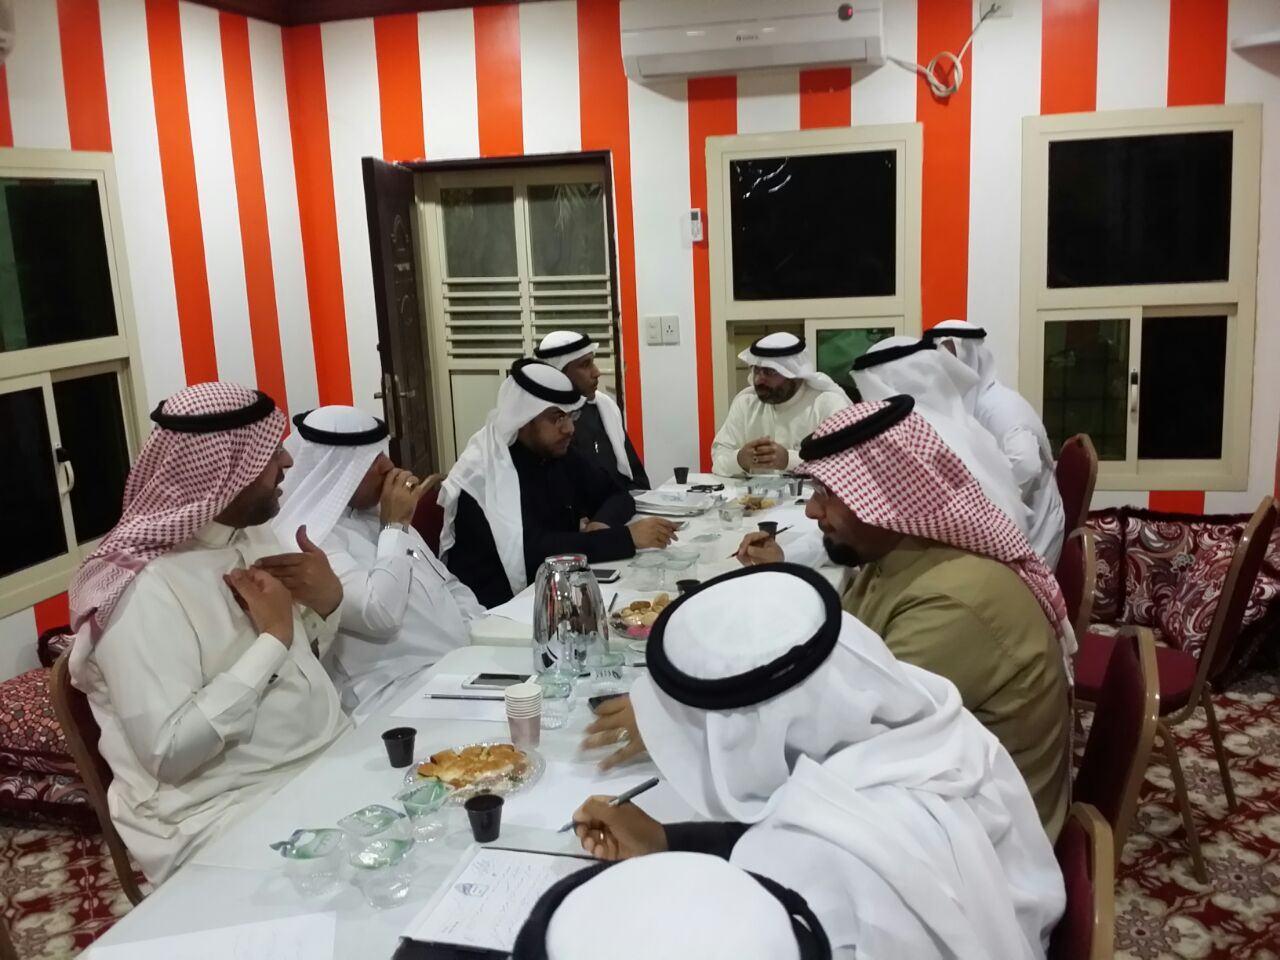 بالصور : افتتاح مسجد الامام المهدي عليه السلام بالمنيزلة